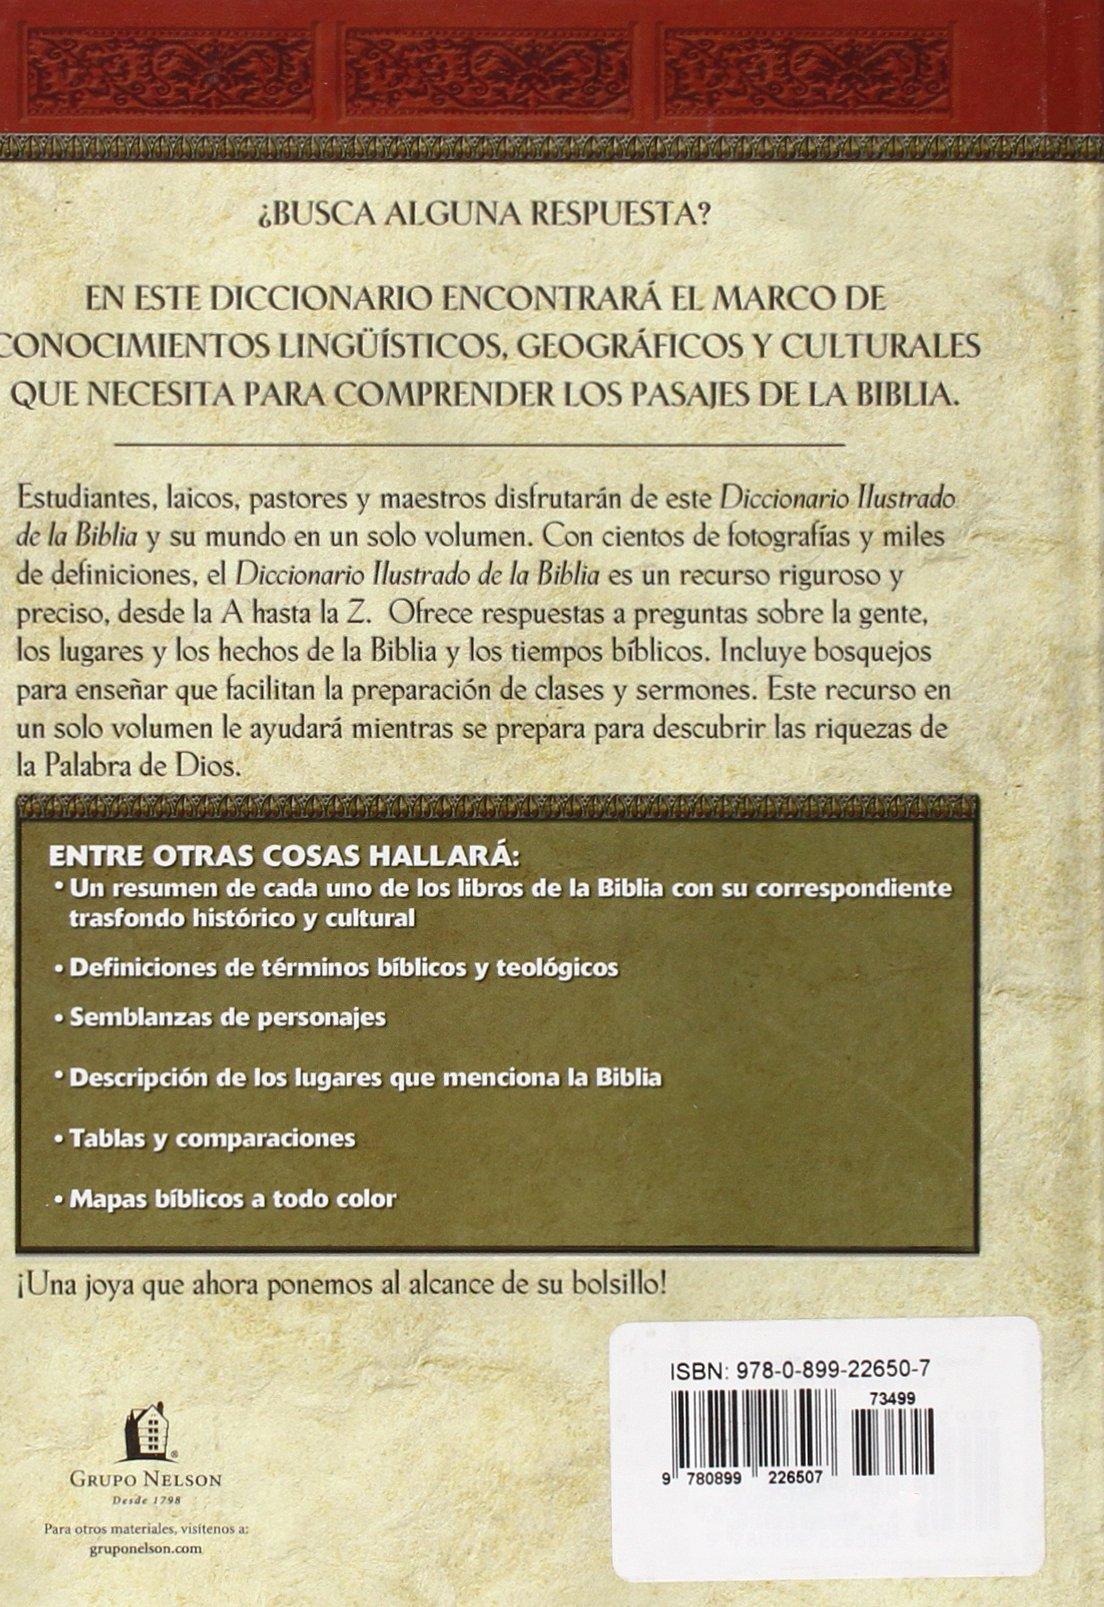 Diccionario Ilustrado De La Biblia: Thomas Nelson: 9780899226507 ...